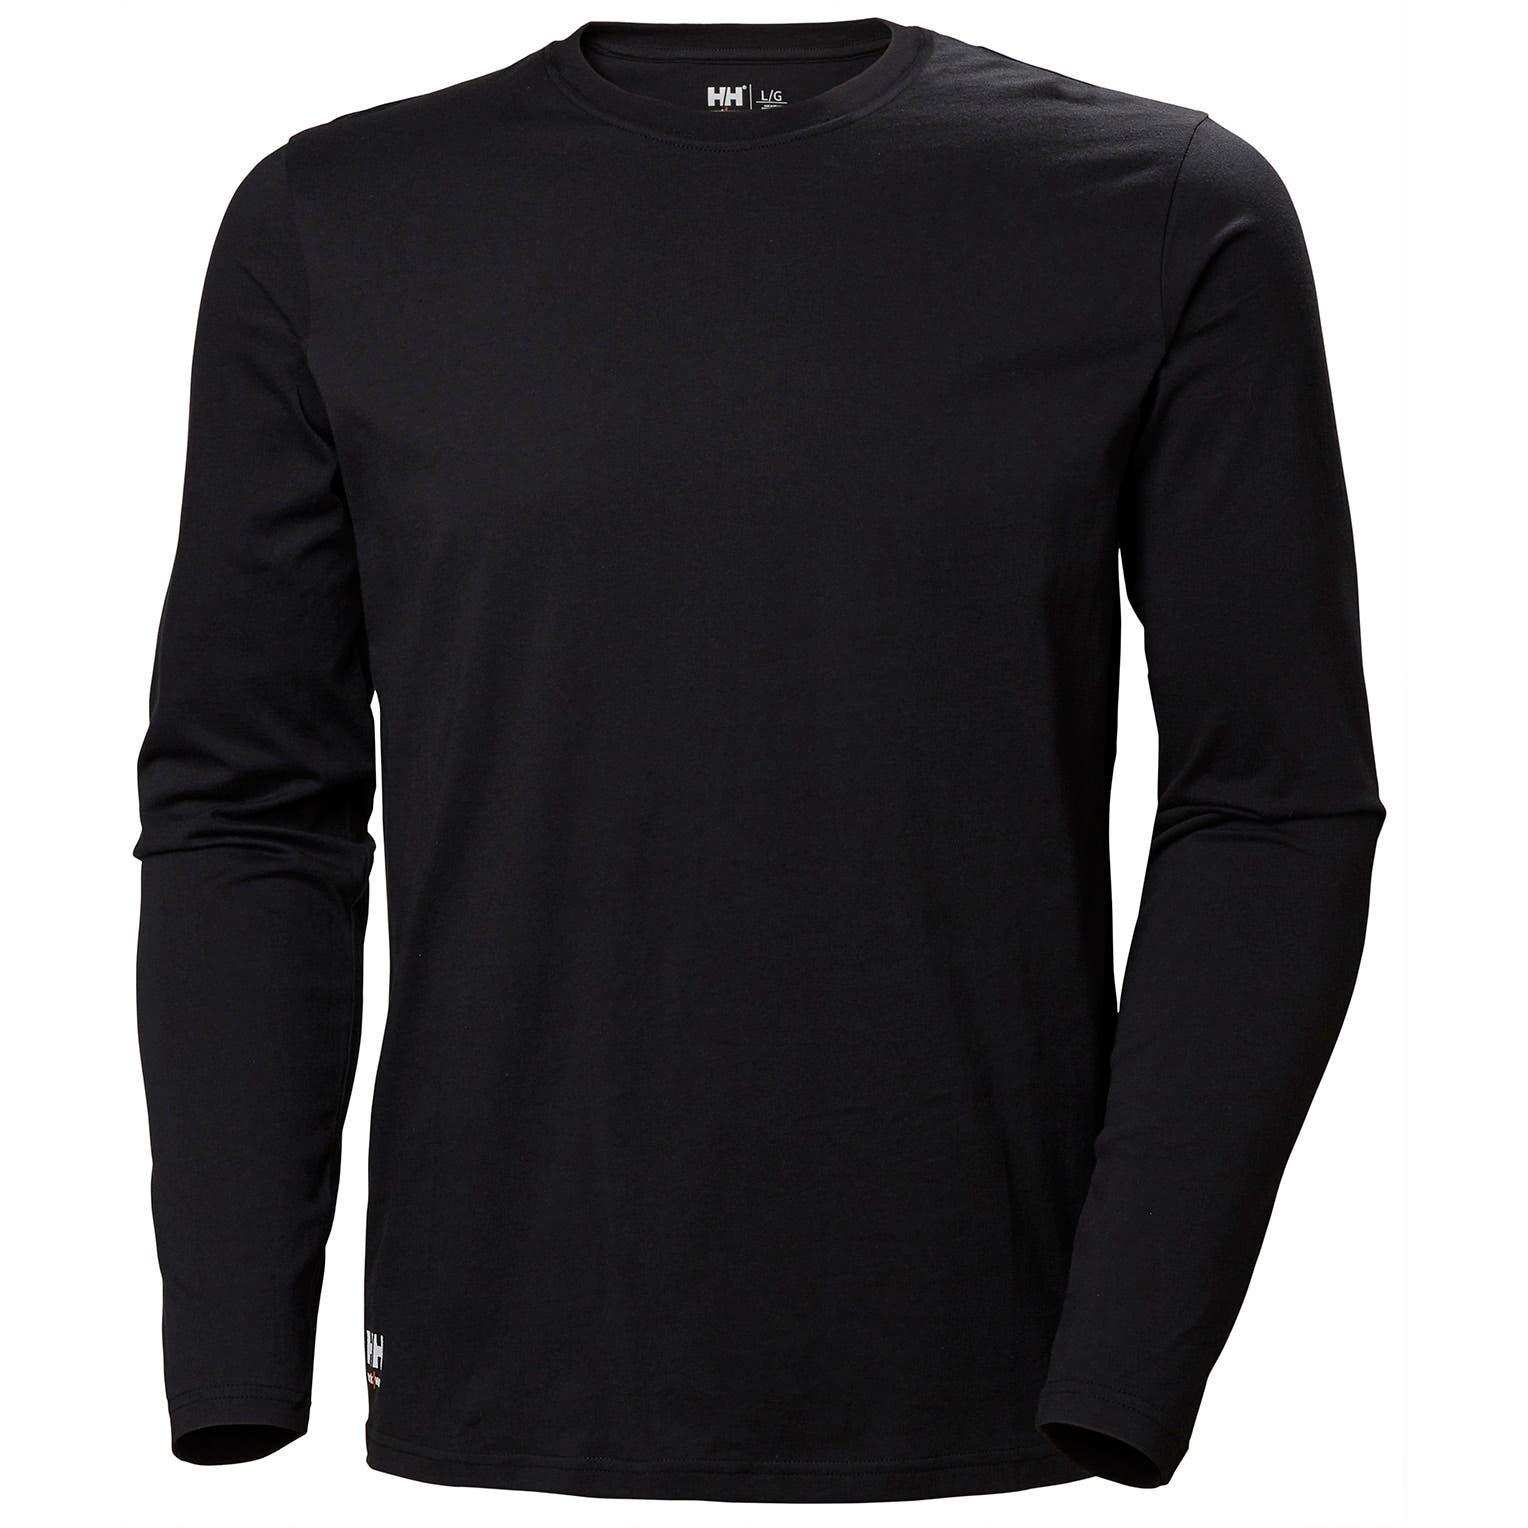 Футболка с длинным рукавом Helly Hansen Manchester Long Sleeve - 79169 (Black; M)